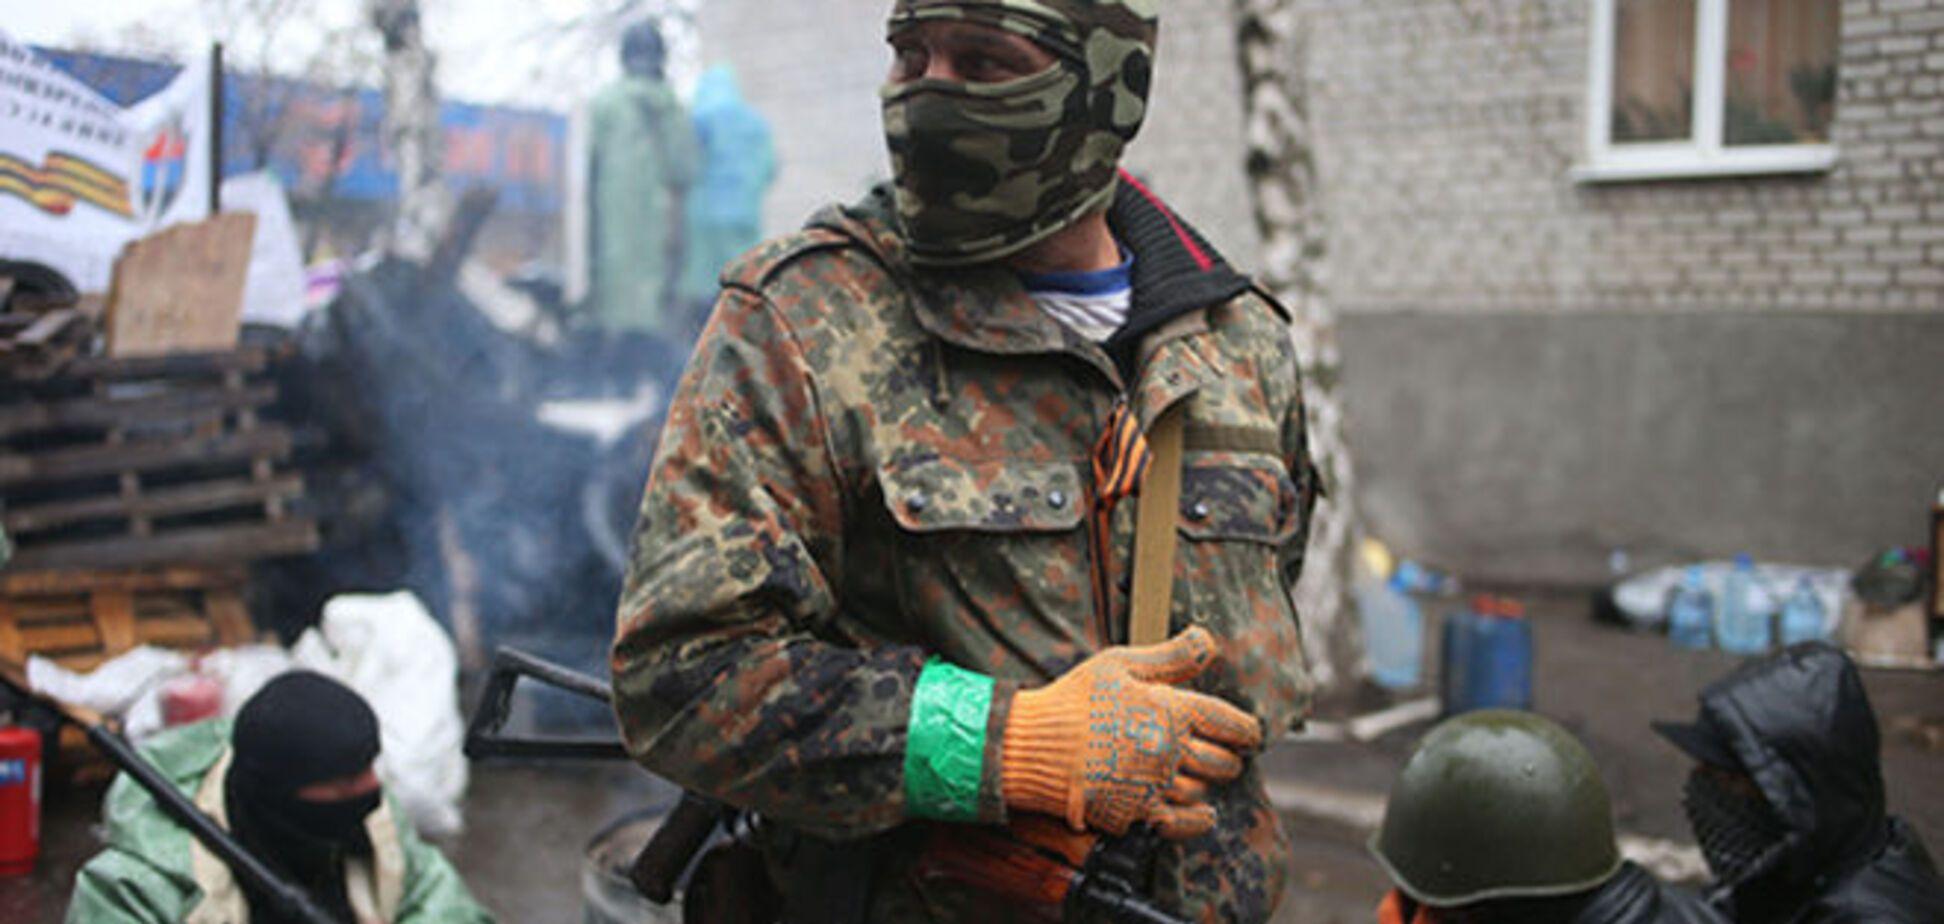 Війна на Донбасі відрізняється від чеченської Геббельс-ТВ - Бабченко